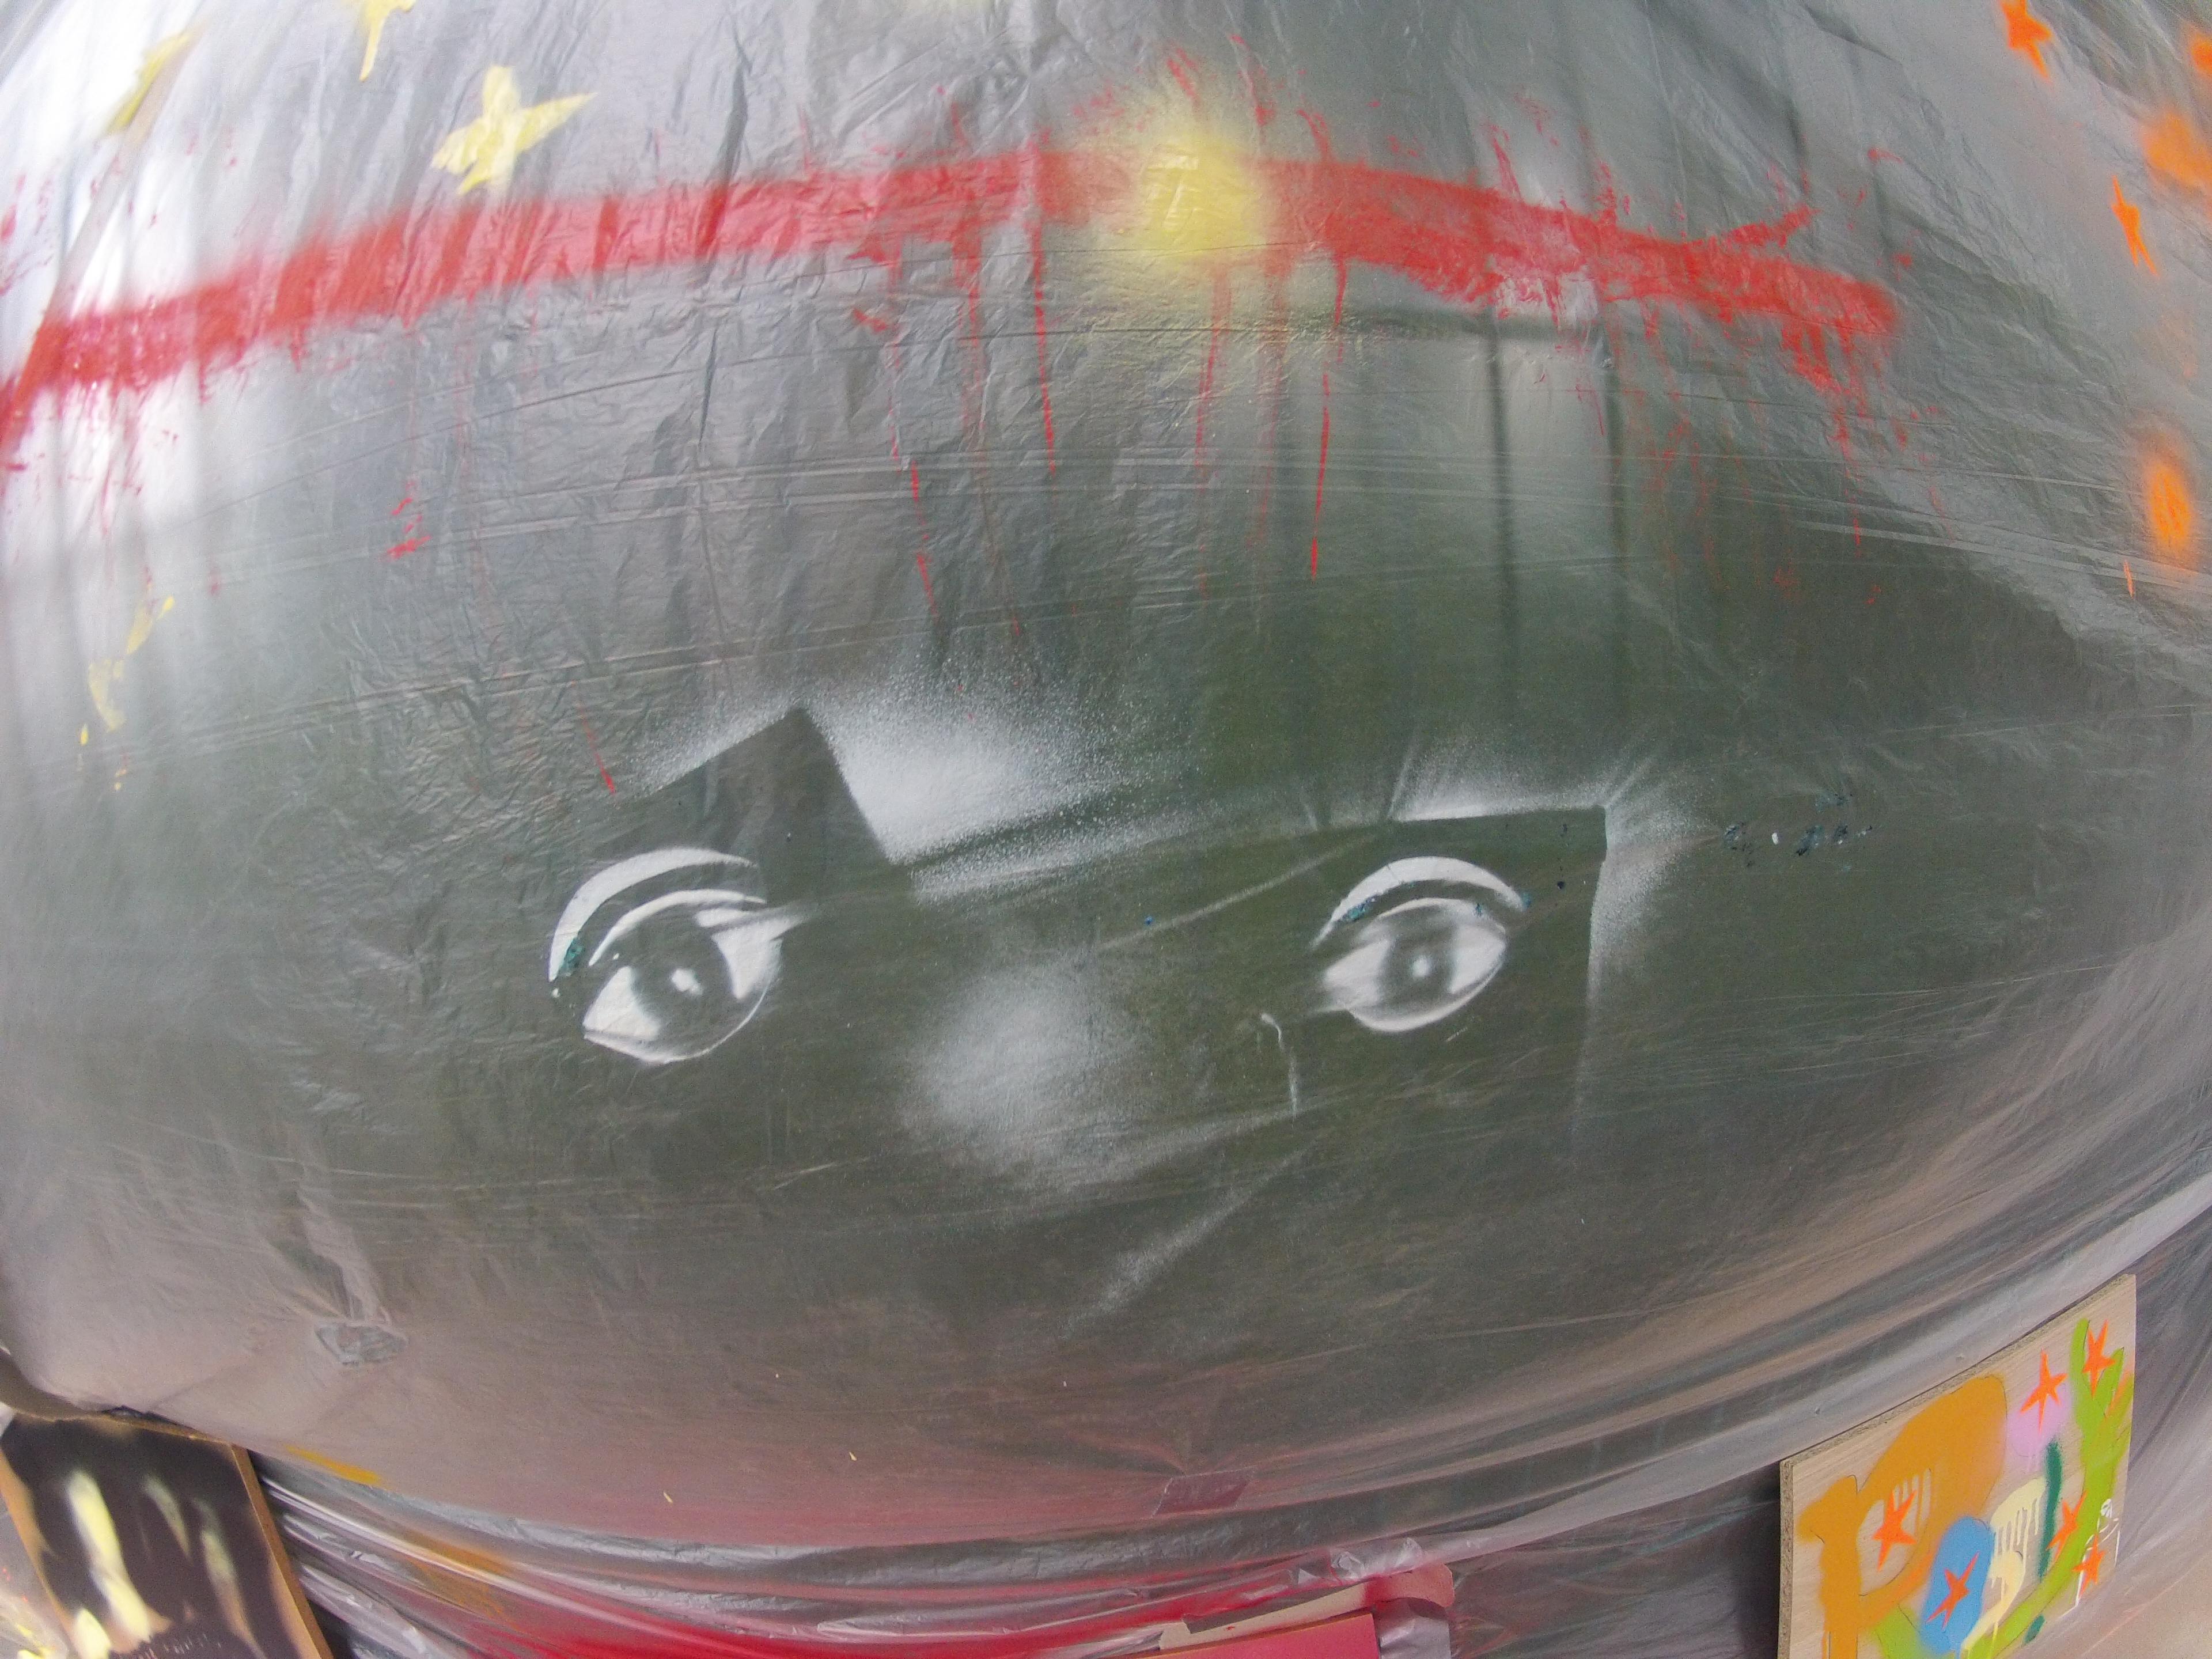 TU Chemnitz Graffiti 6